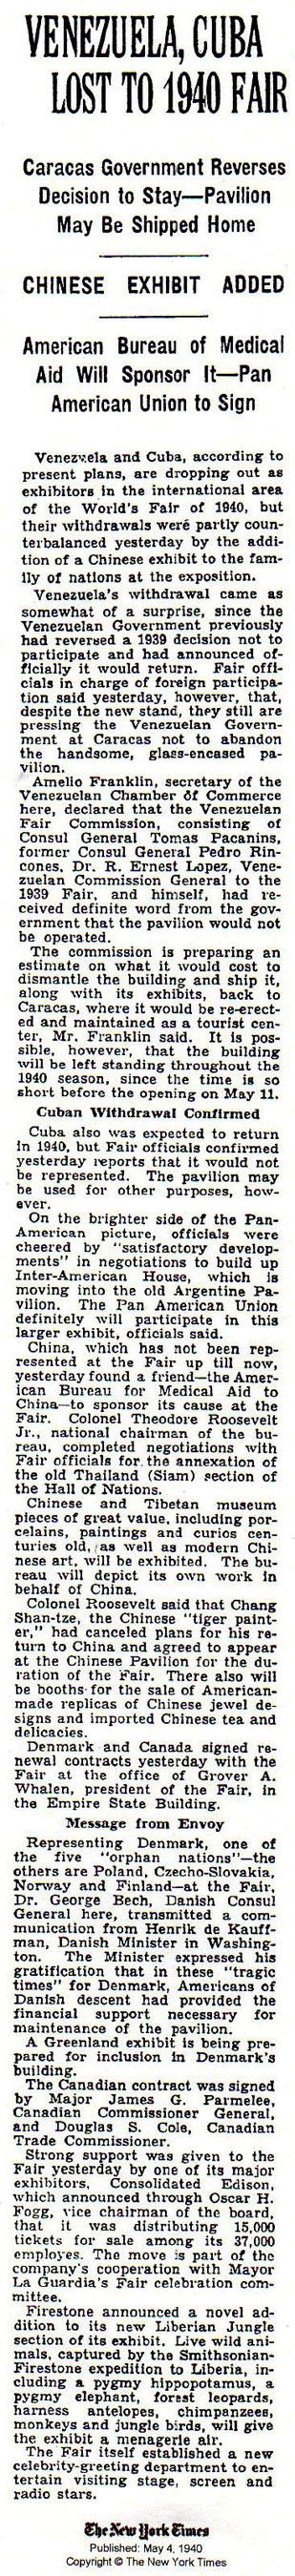 張善子先生取消他的返國行程  以便参加《1940 年紐約世界博覽會》